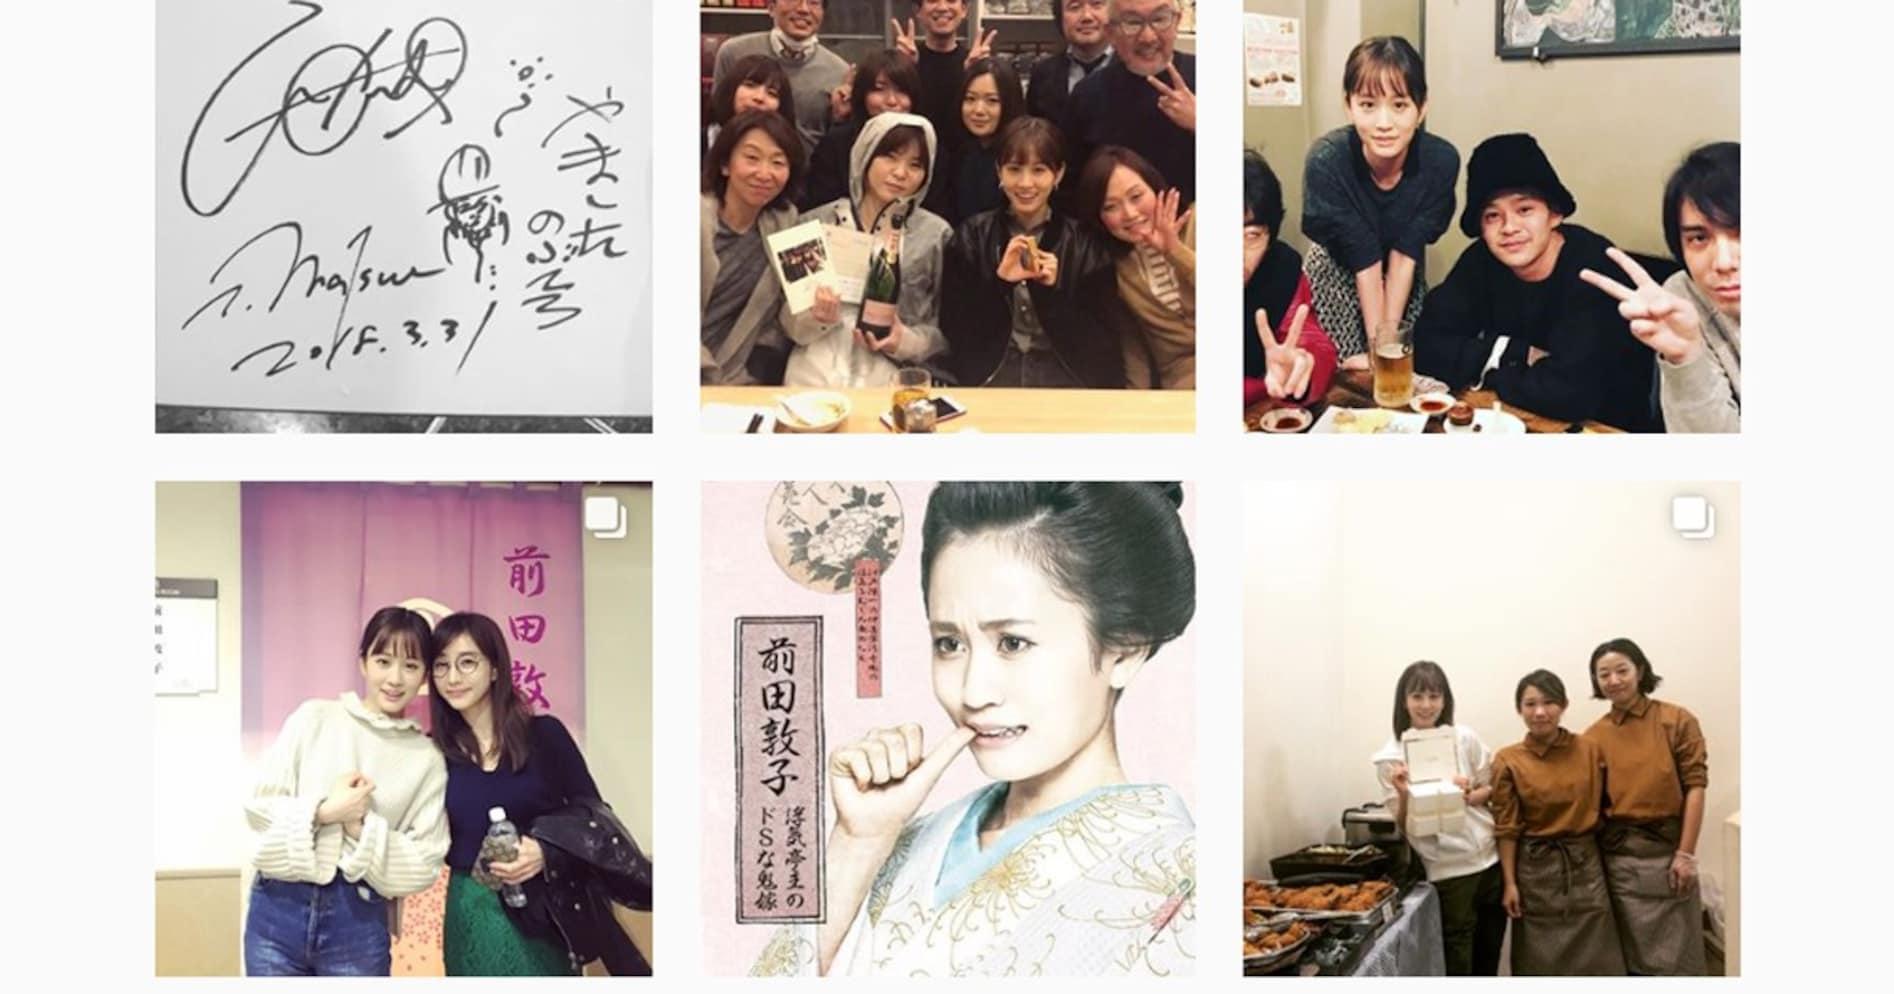 前田敦子だけじゃない… 結婚生活をあえてオープンにするイマドキの芸能人夫婦のホンネとは